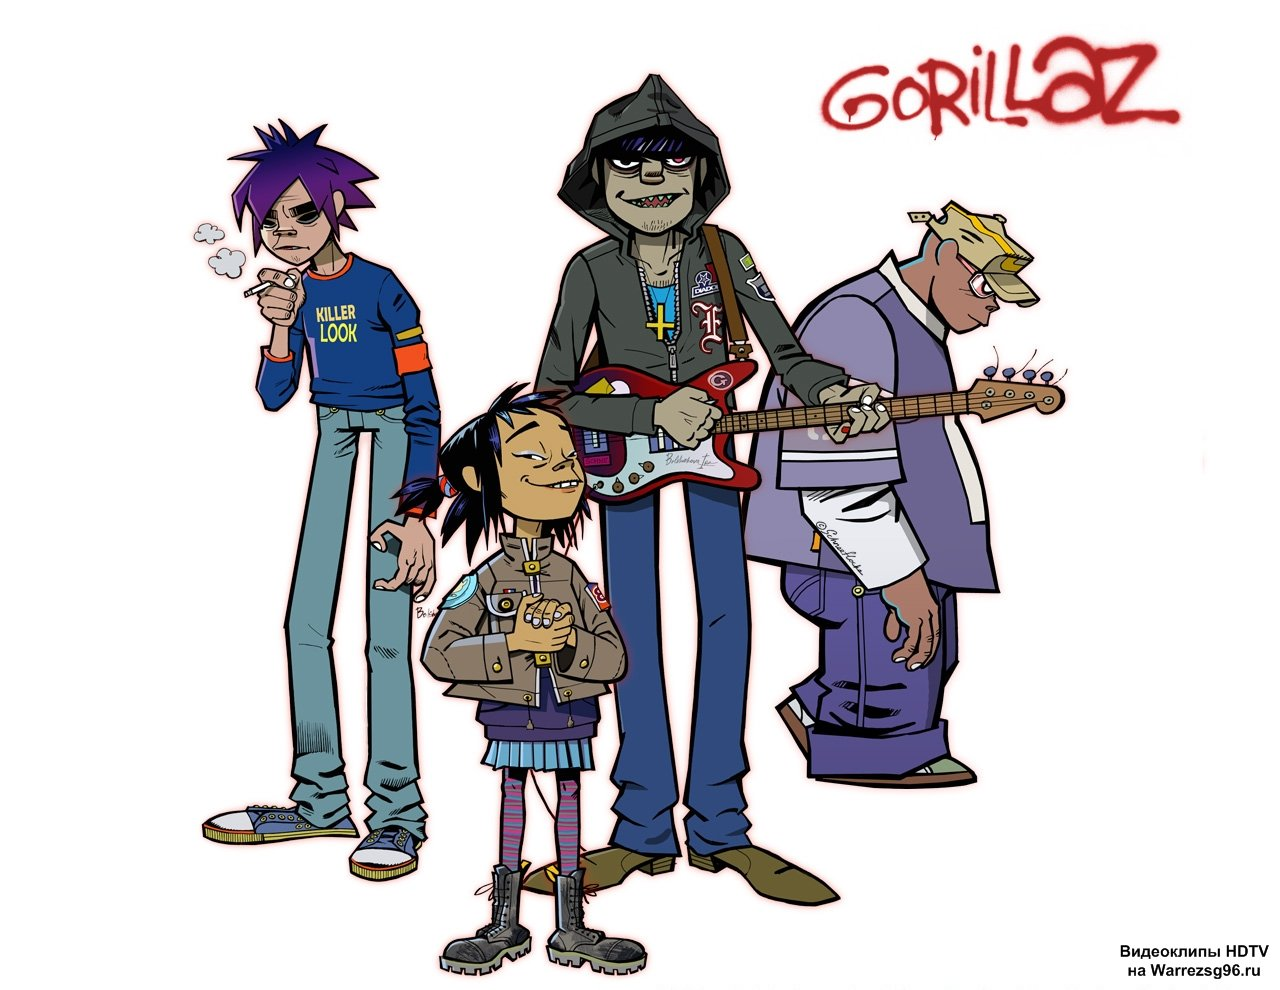 скачать песню gorillaz-feel good inc